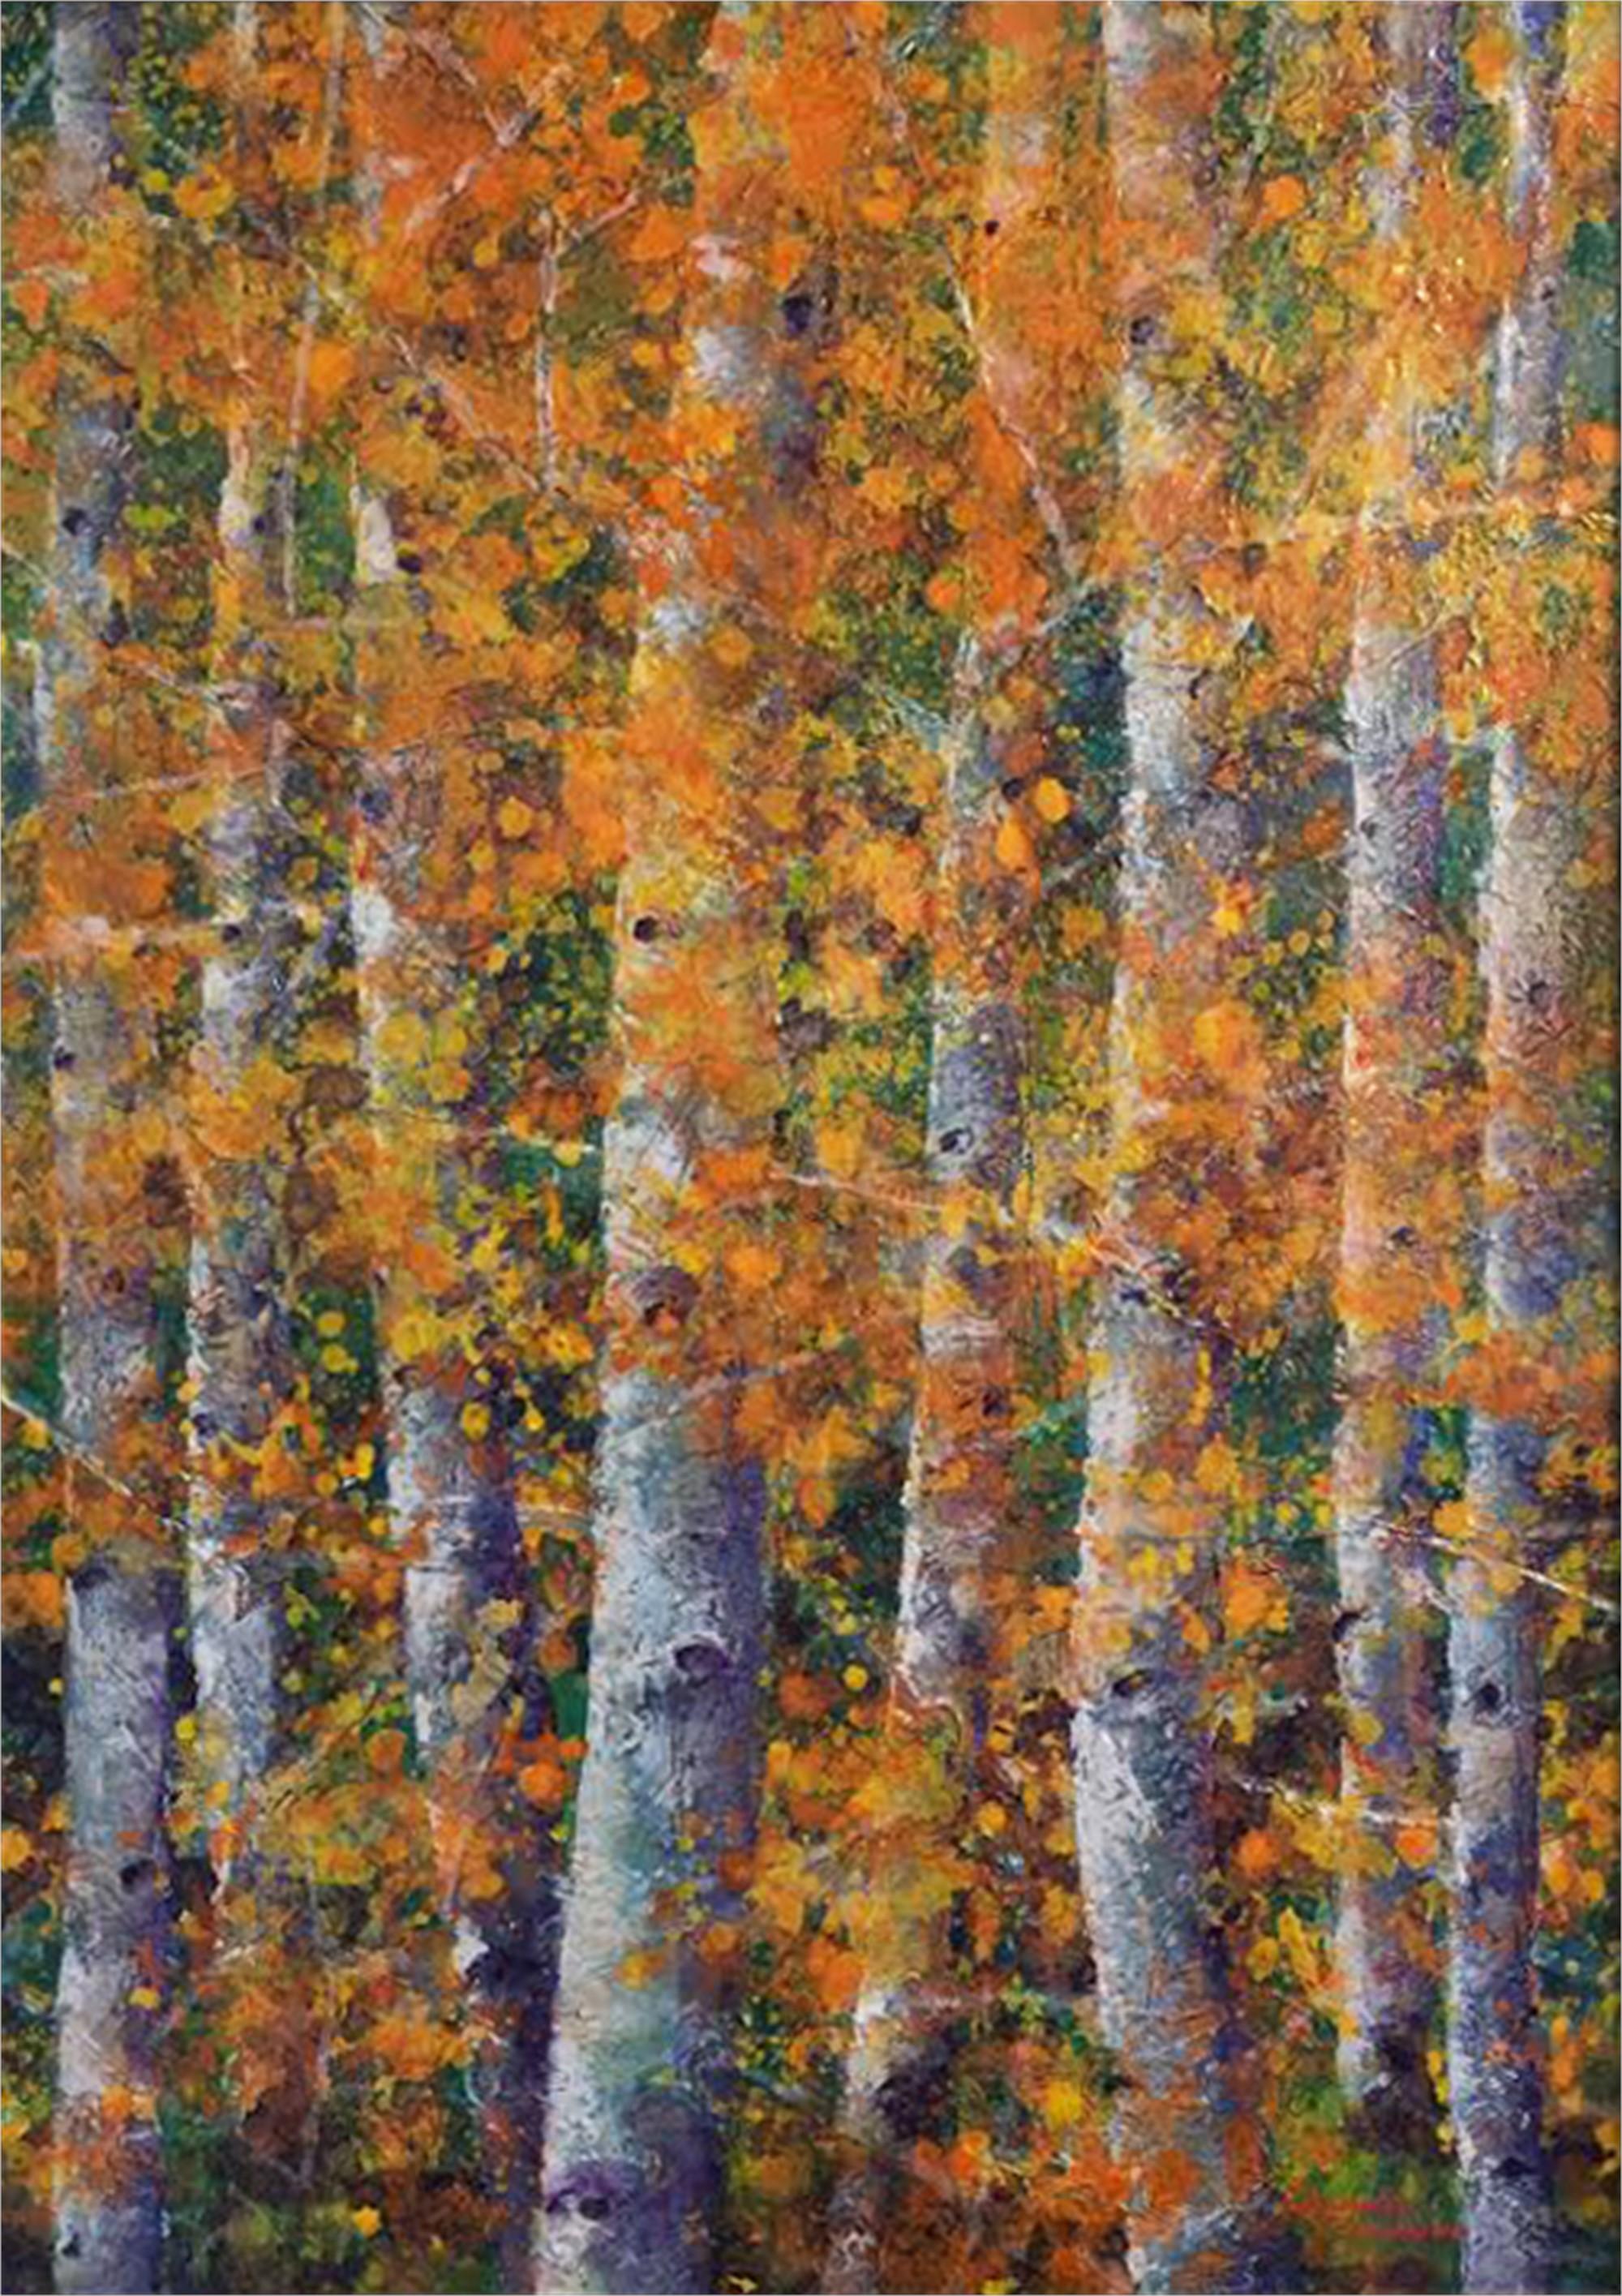 Free Falling, 10/12/16 by Bob Chrzanowski